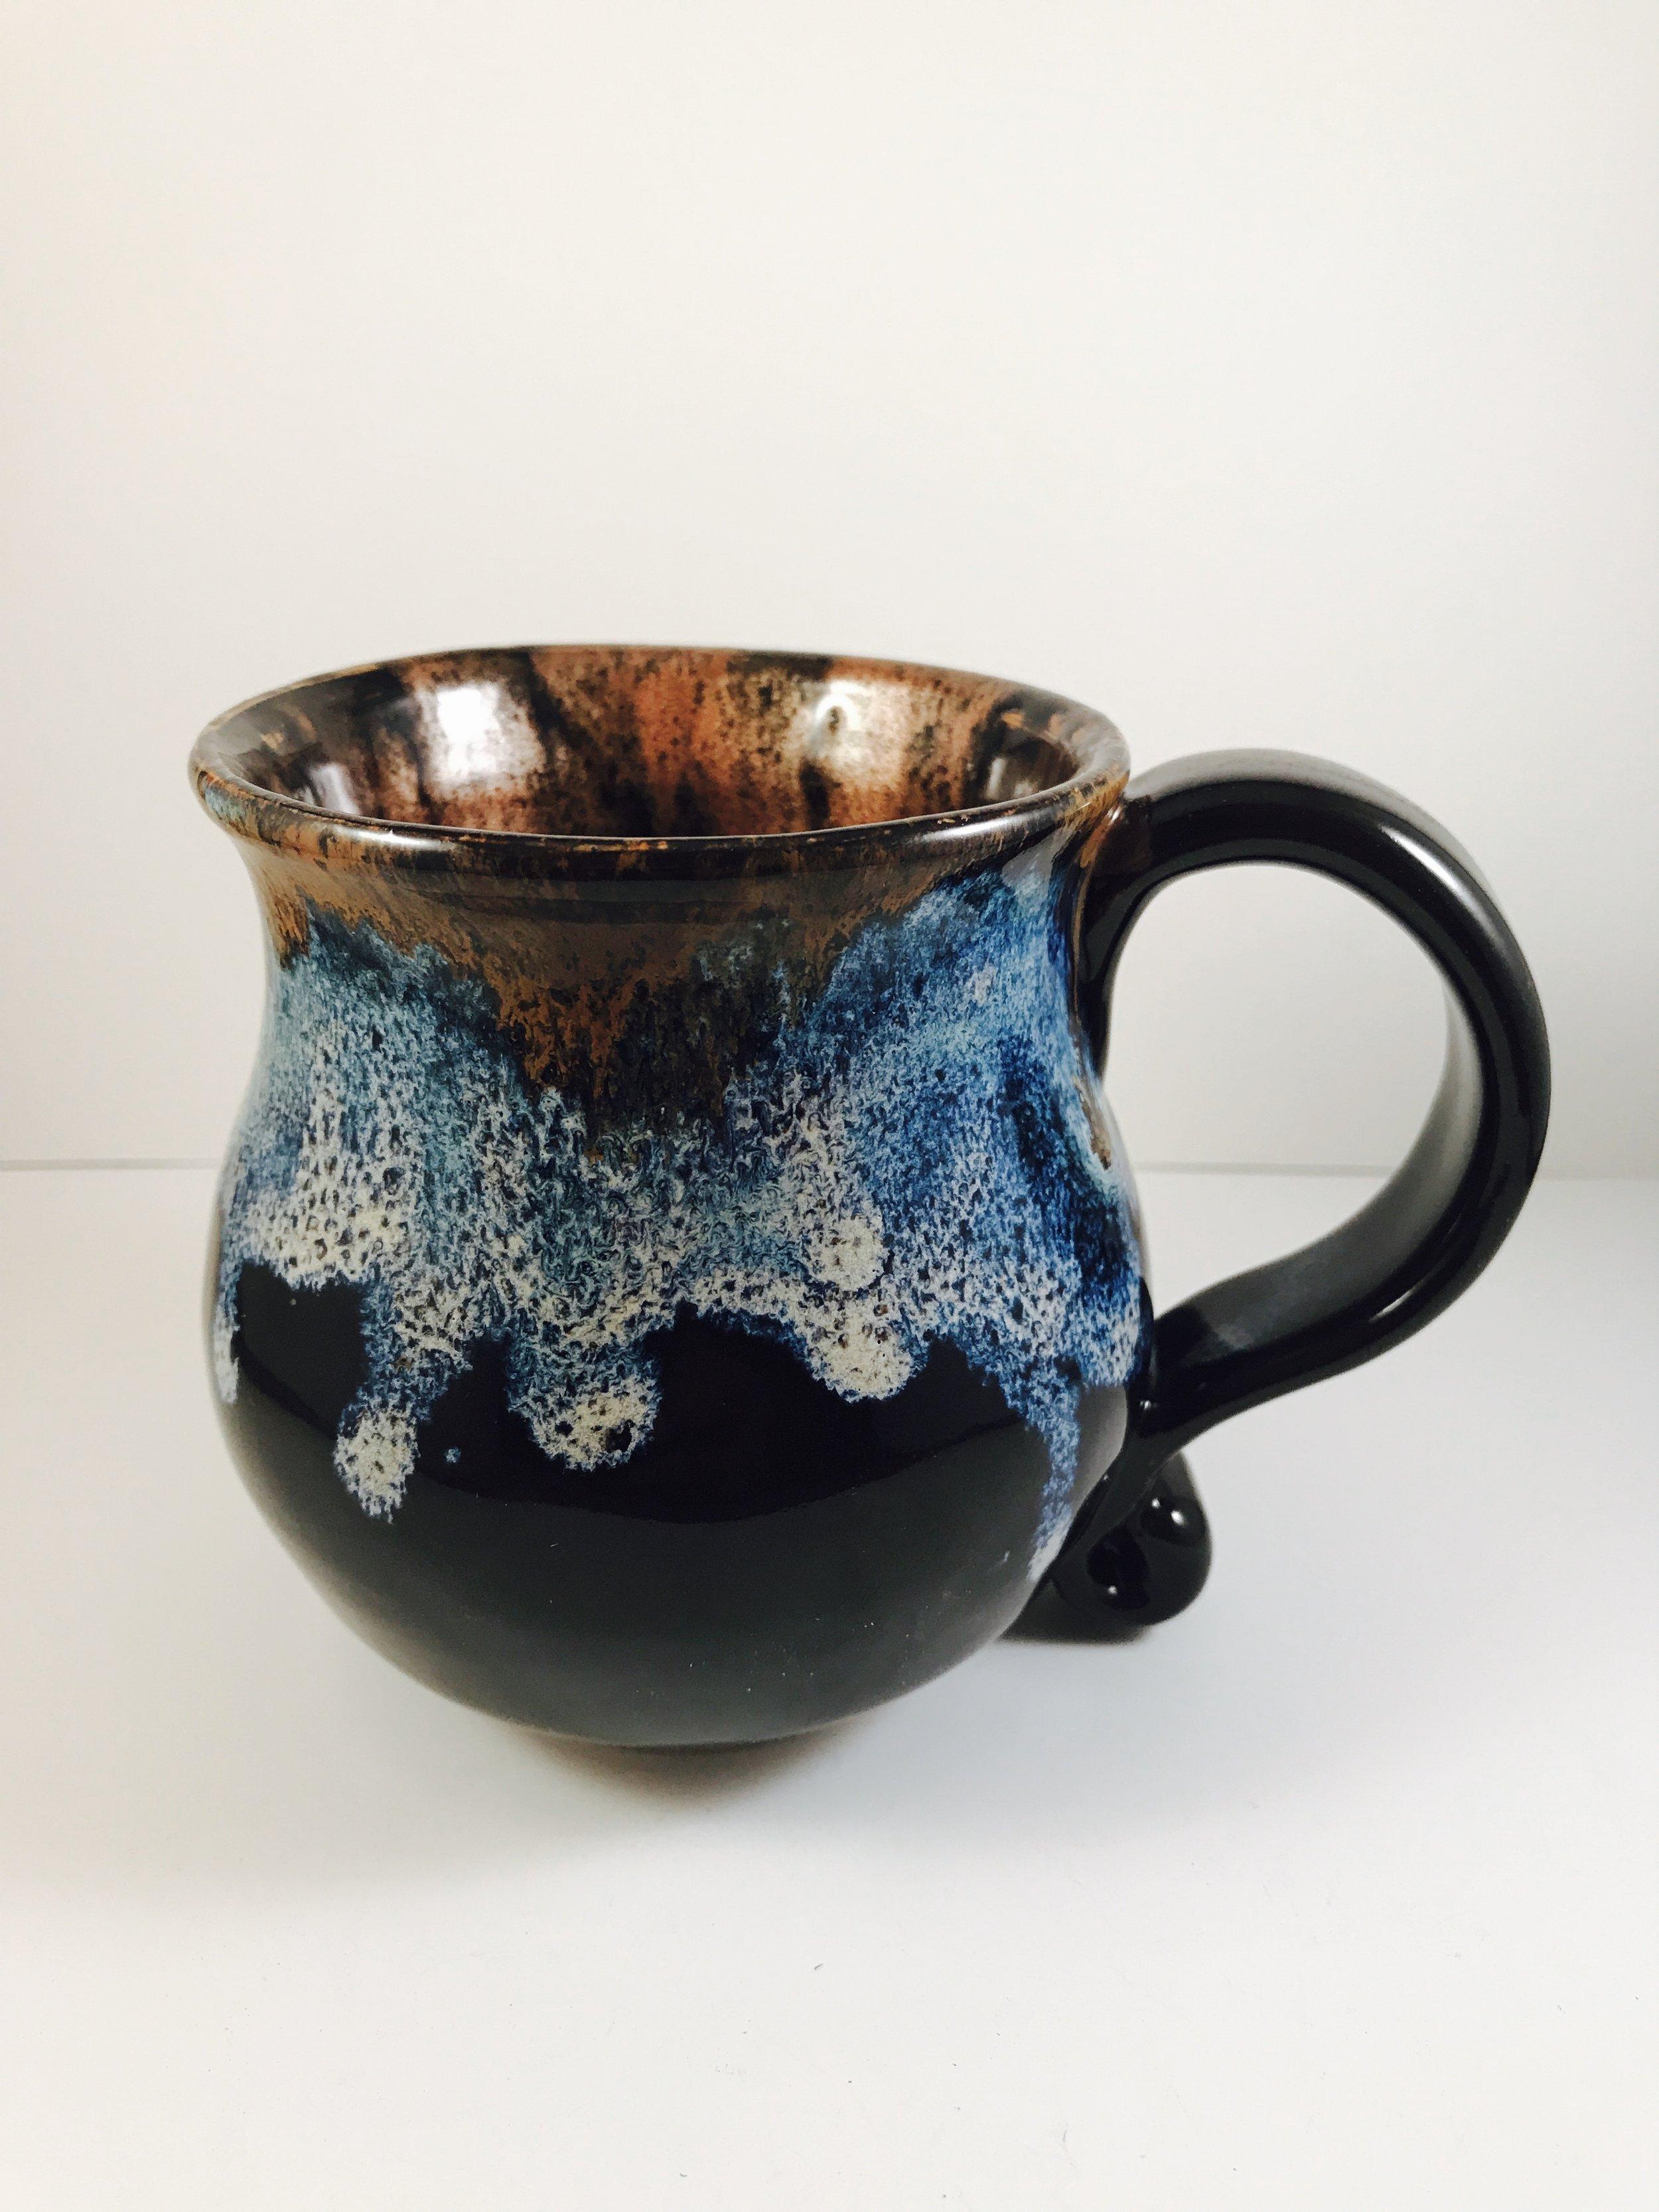 Temmoku Mug